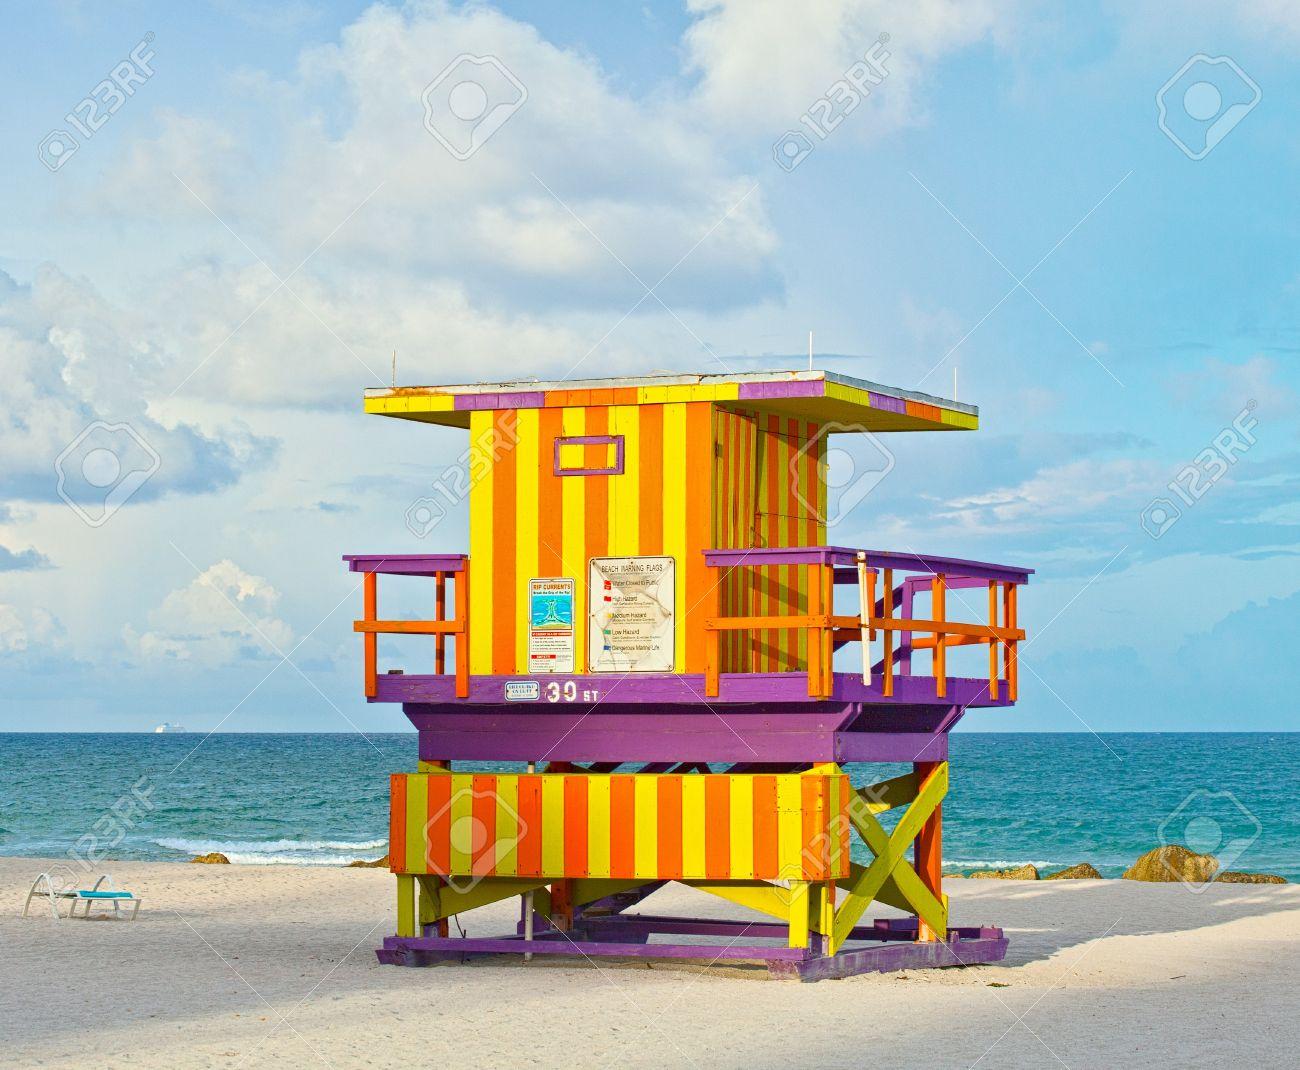 Miami beach florida usa typical art deco lifeguard house on.. stock